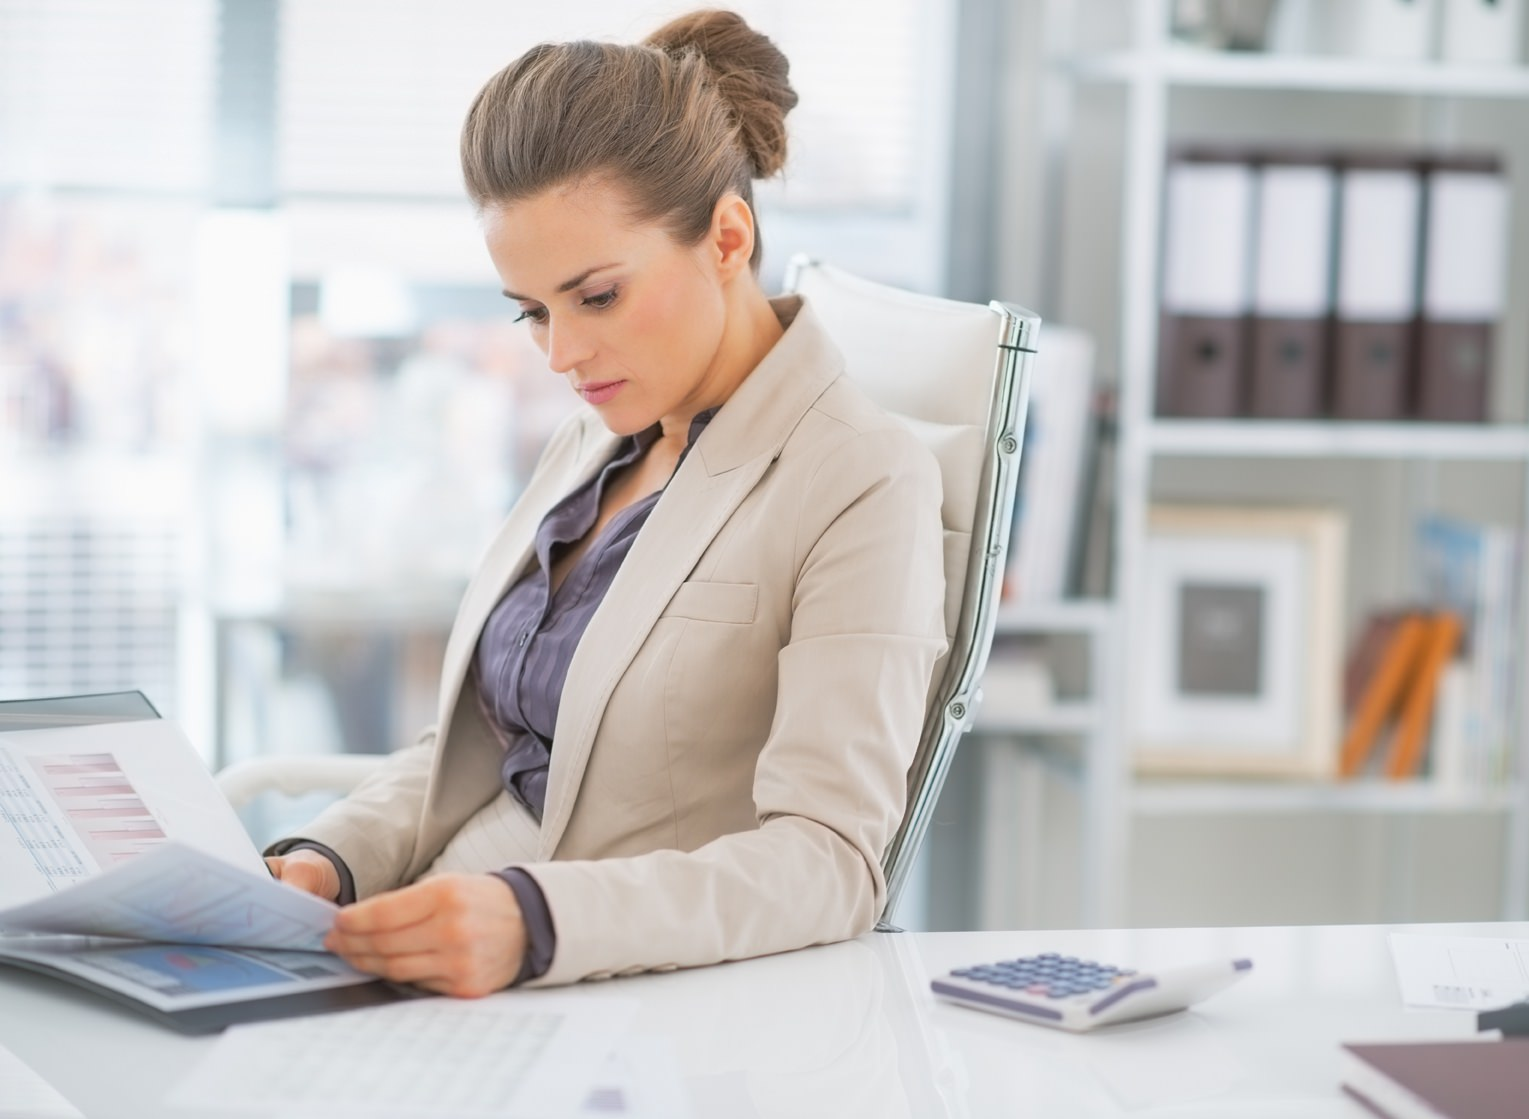 Novità per i futuri revisori contabili